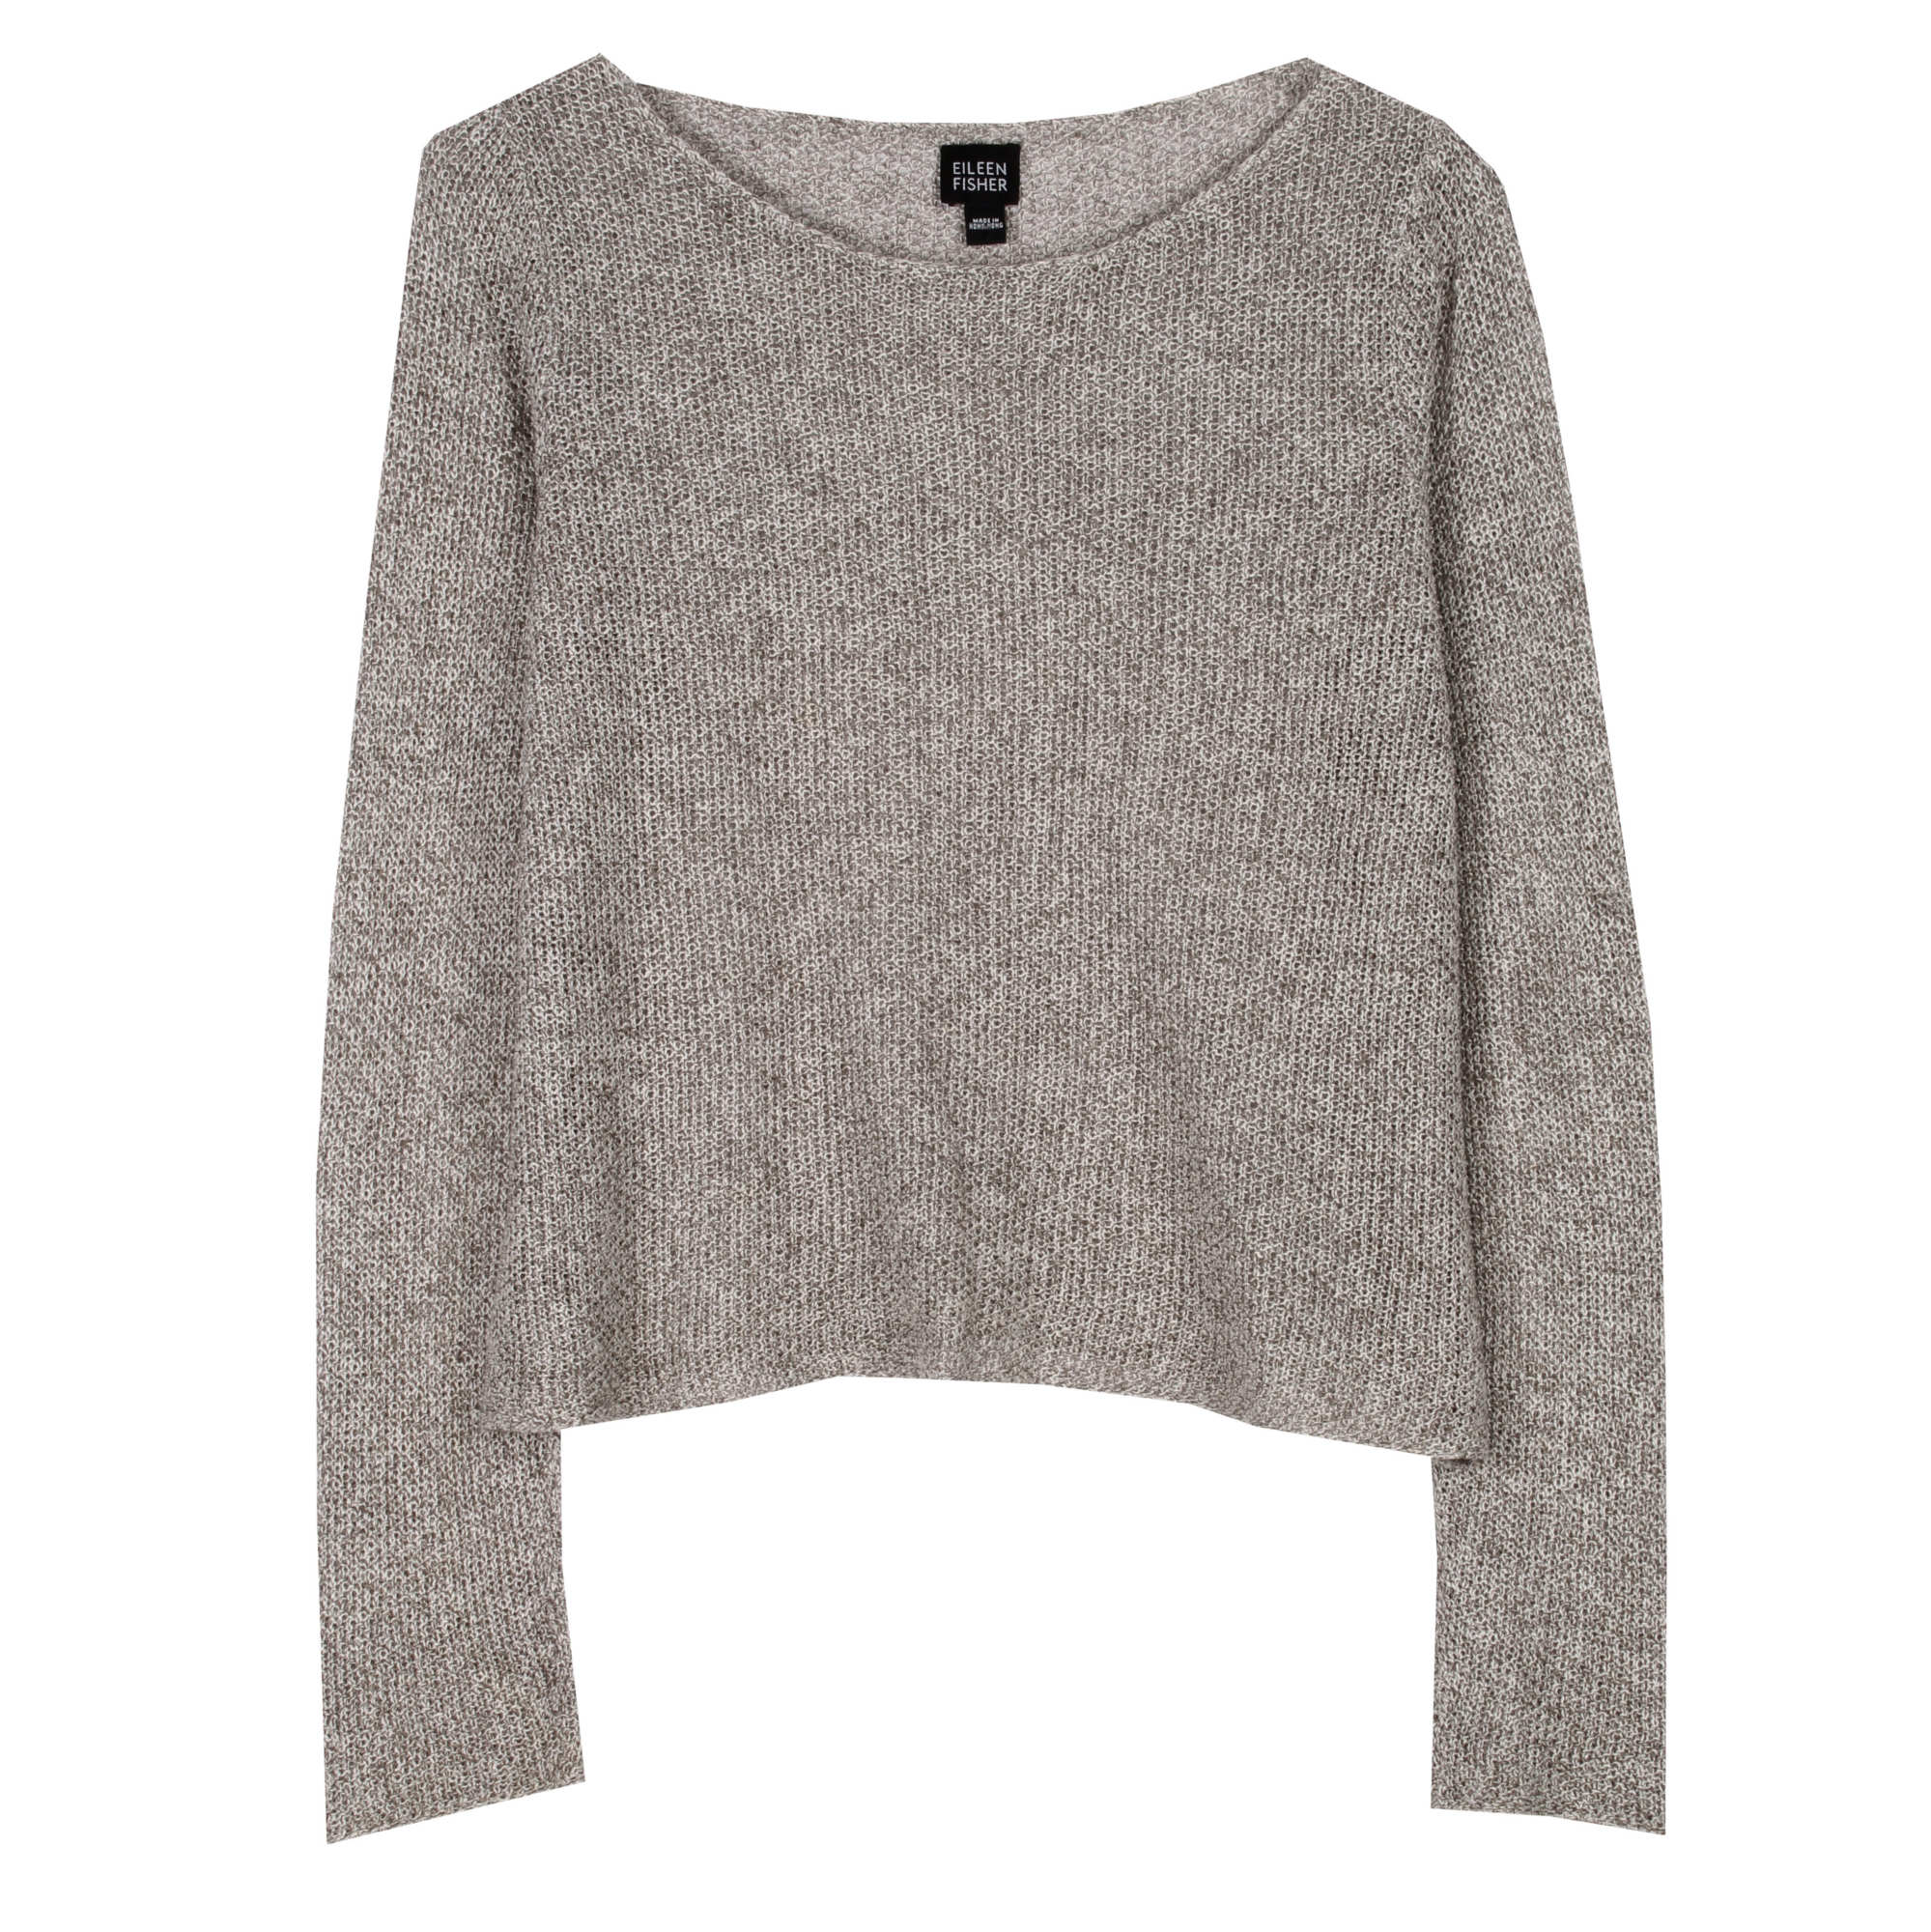 Multi-Tonal Linen Net Pullover